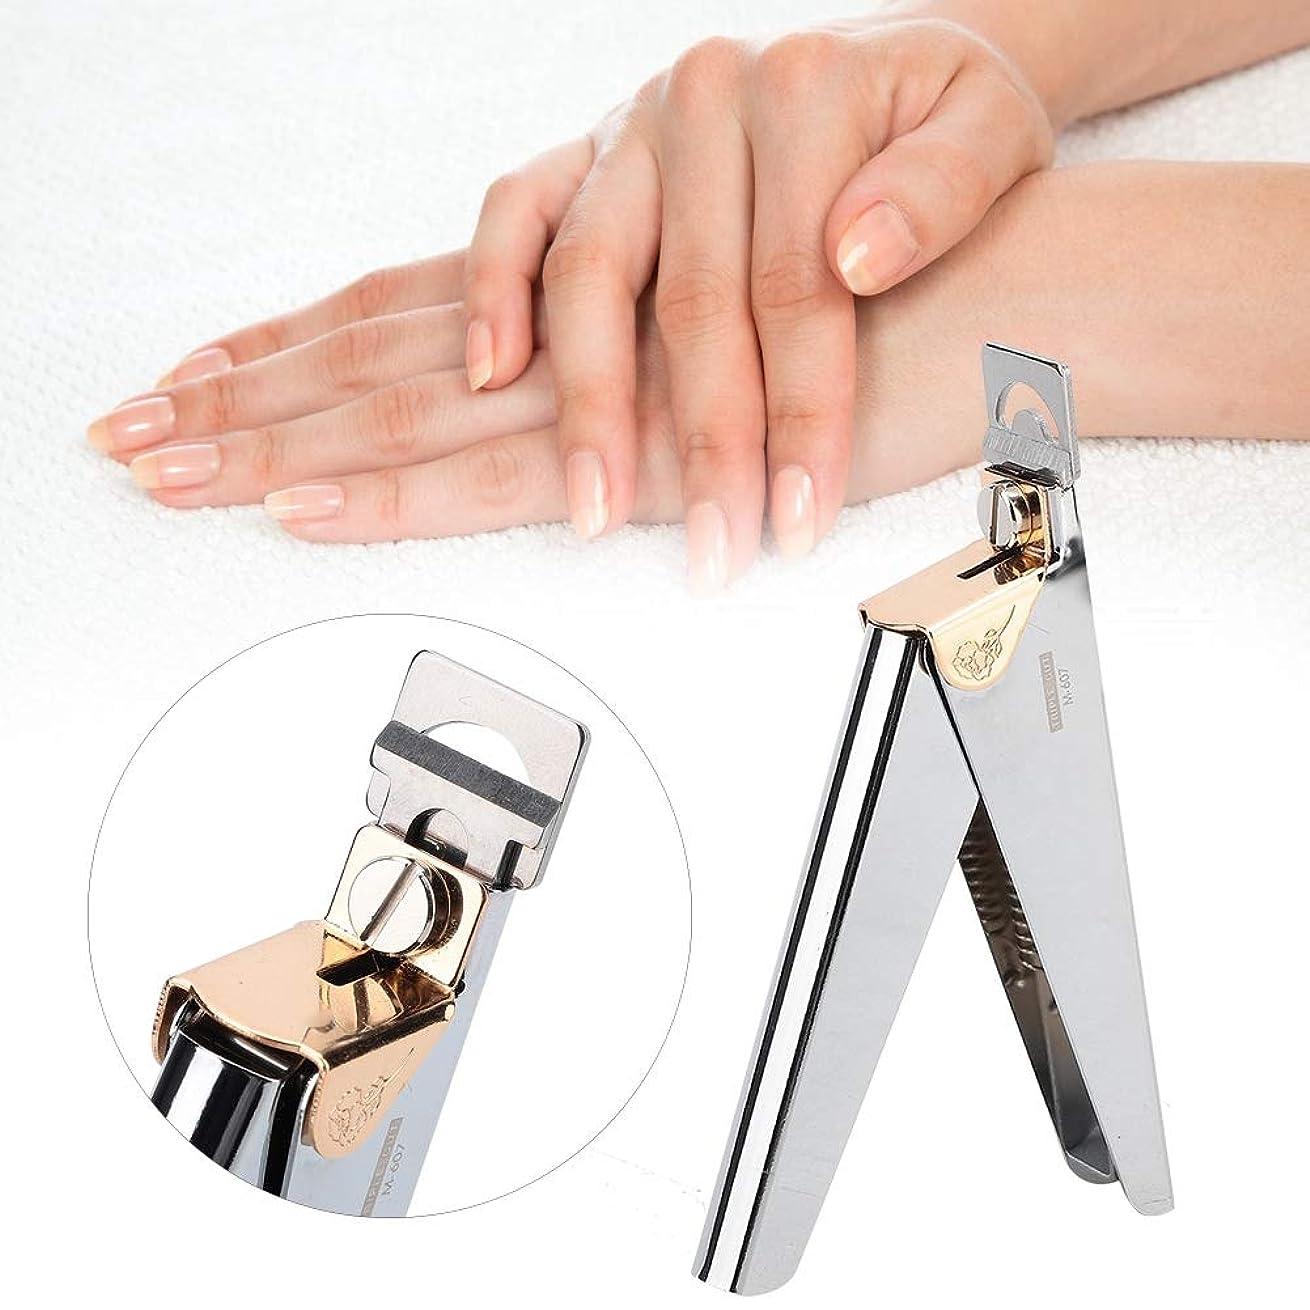 遅いバスラダ指爪 爪ケア ネイルチップクリッパーカッター フランス式 プロ U字型ネイルアートクリッパーはさみ - マニキュア偽ネイルチップカッター - ステンレス鋼